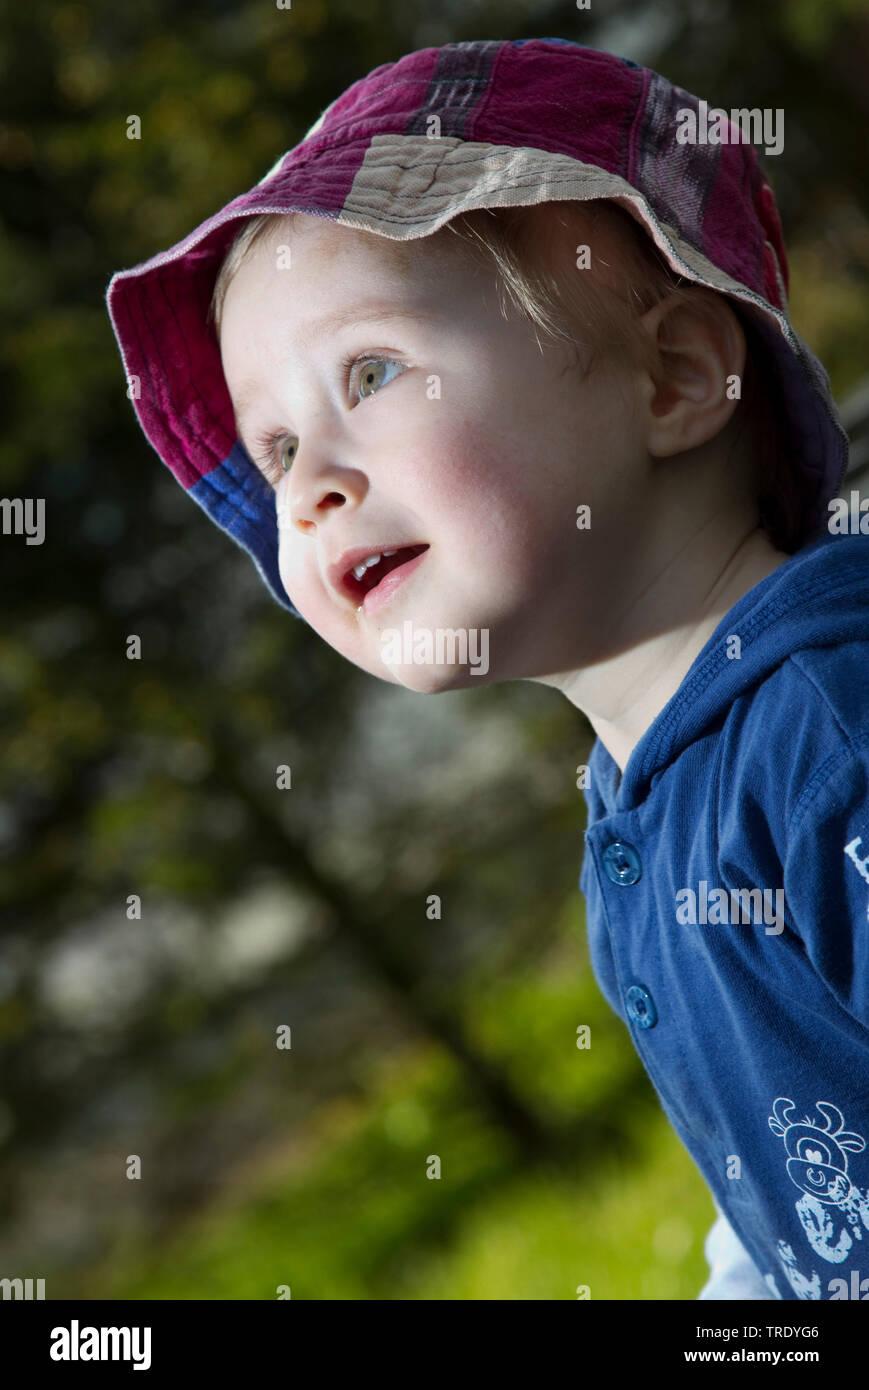 Portraet eines kleinen Jungen, der mit geoeffnetem Mund schaut gespannt nach oben | Porträt eines Jungen mit offenem Mund, neugierig, Suche | BLWS 5 Stockbild